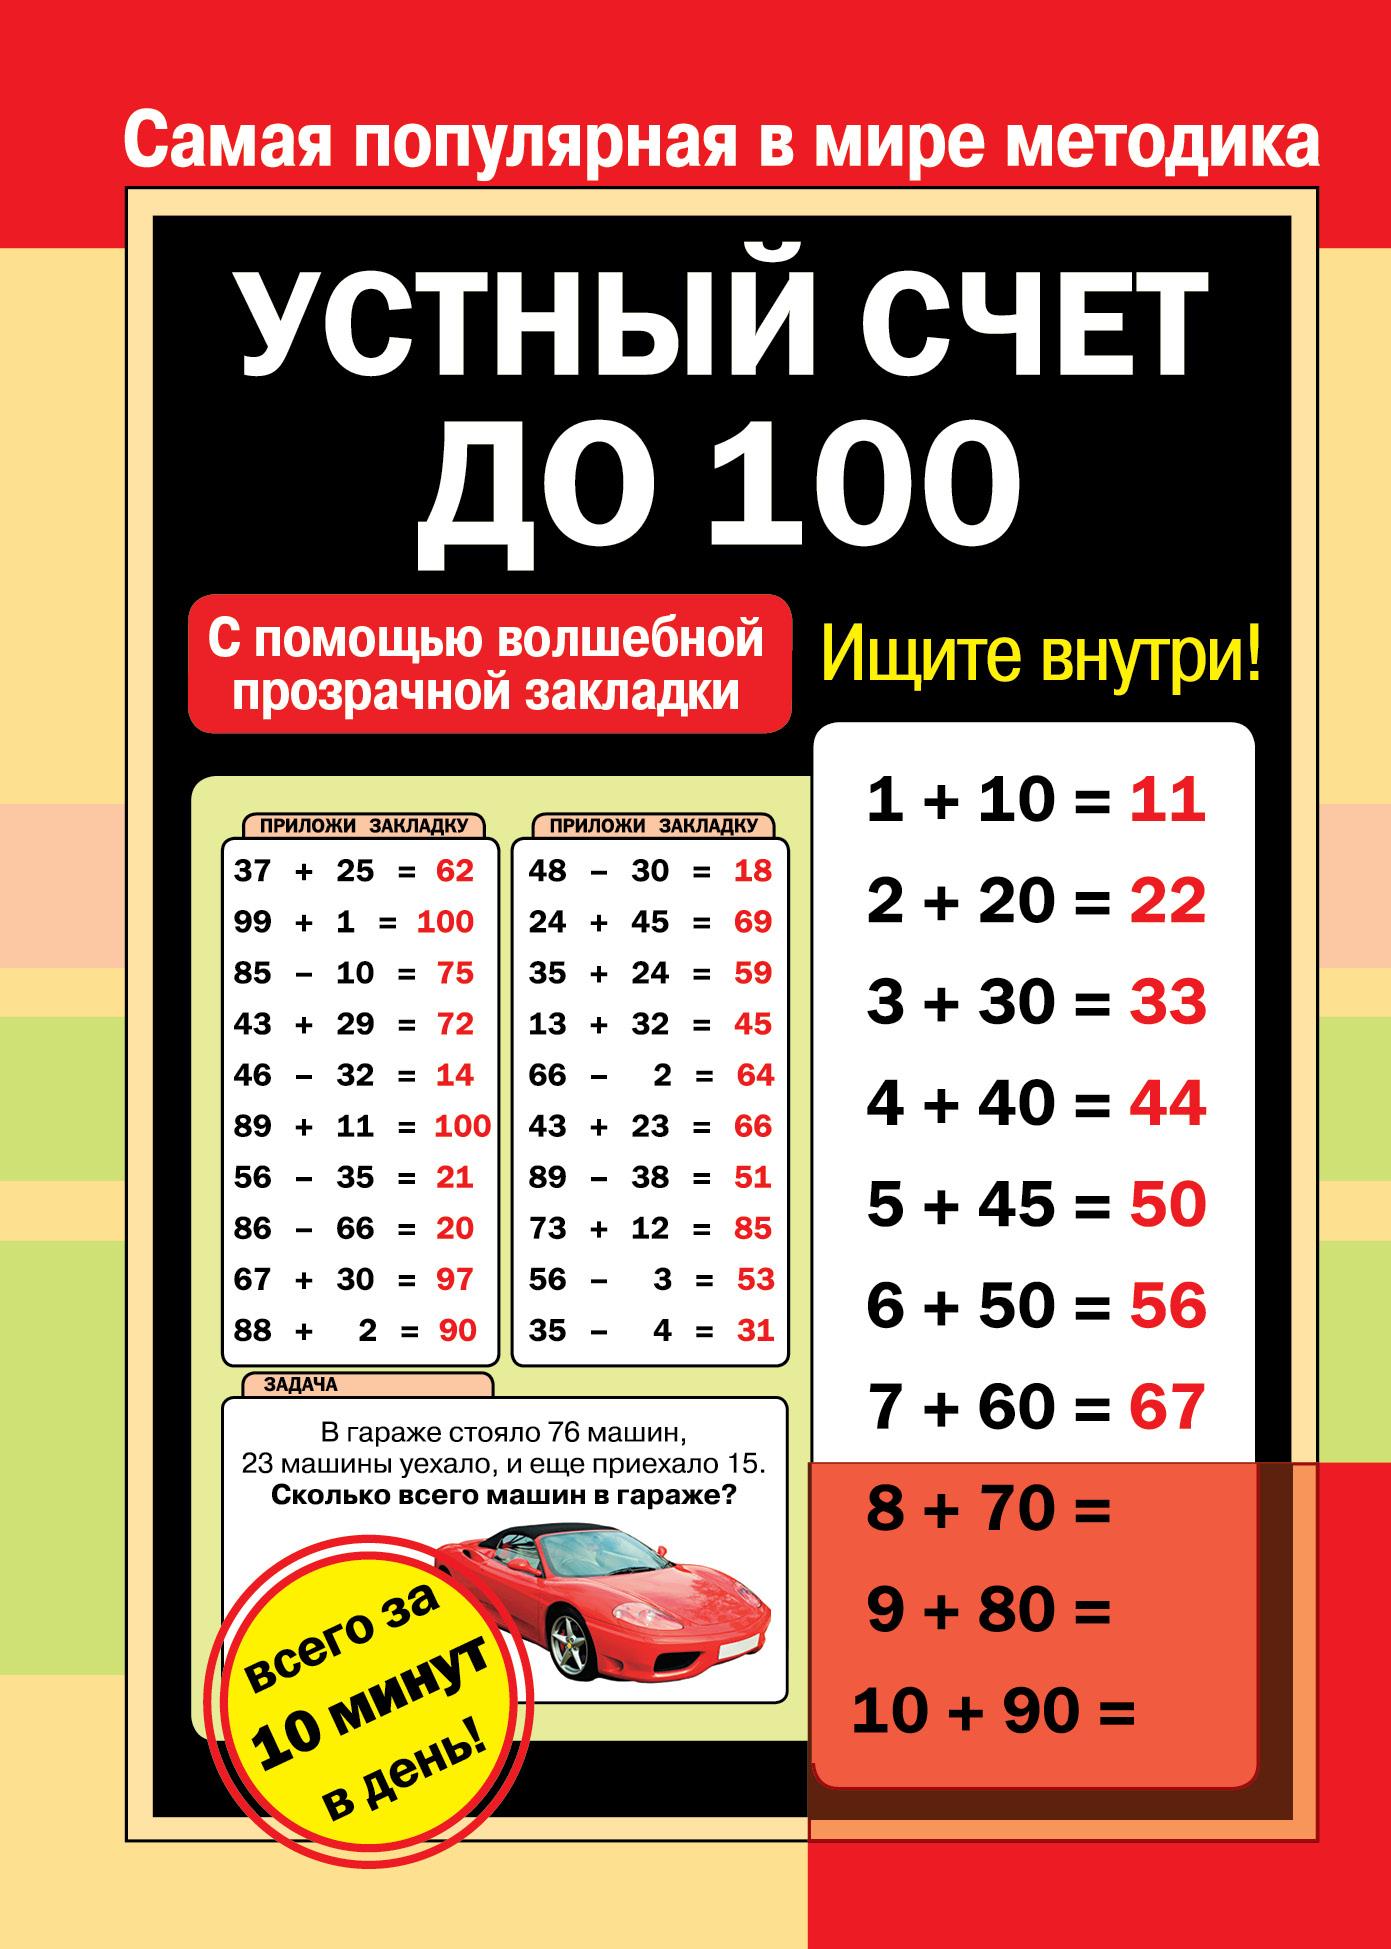 Устный счет до 100 от book24.ru